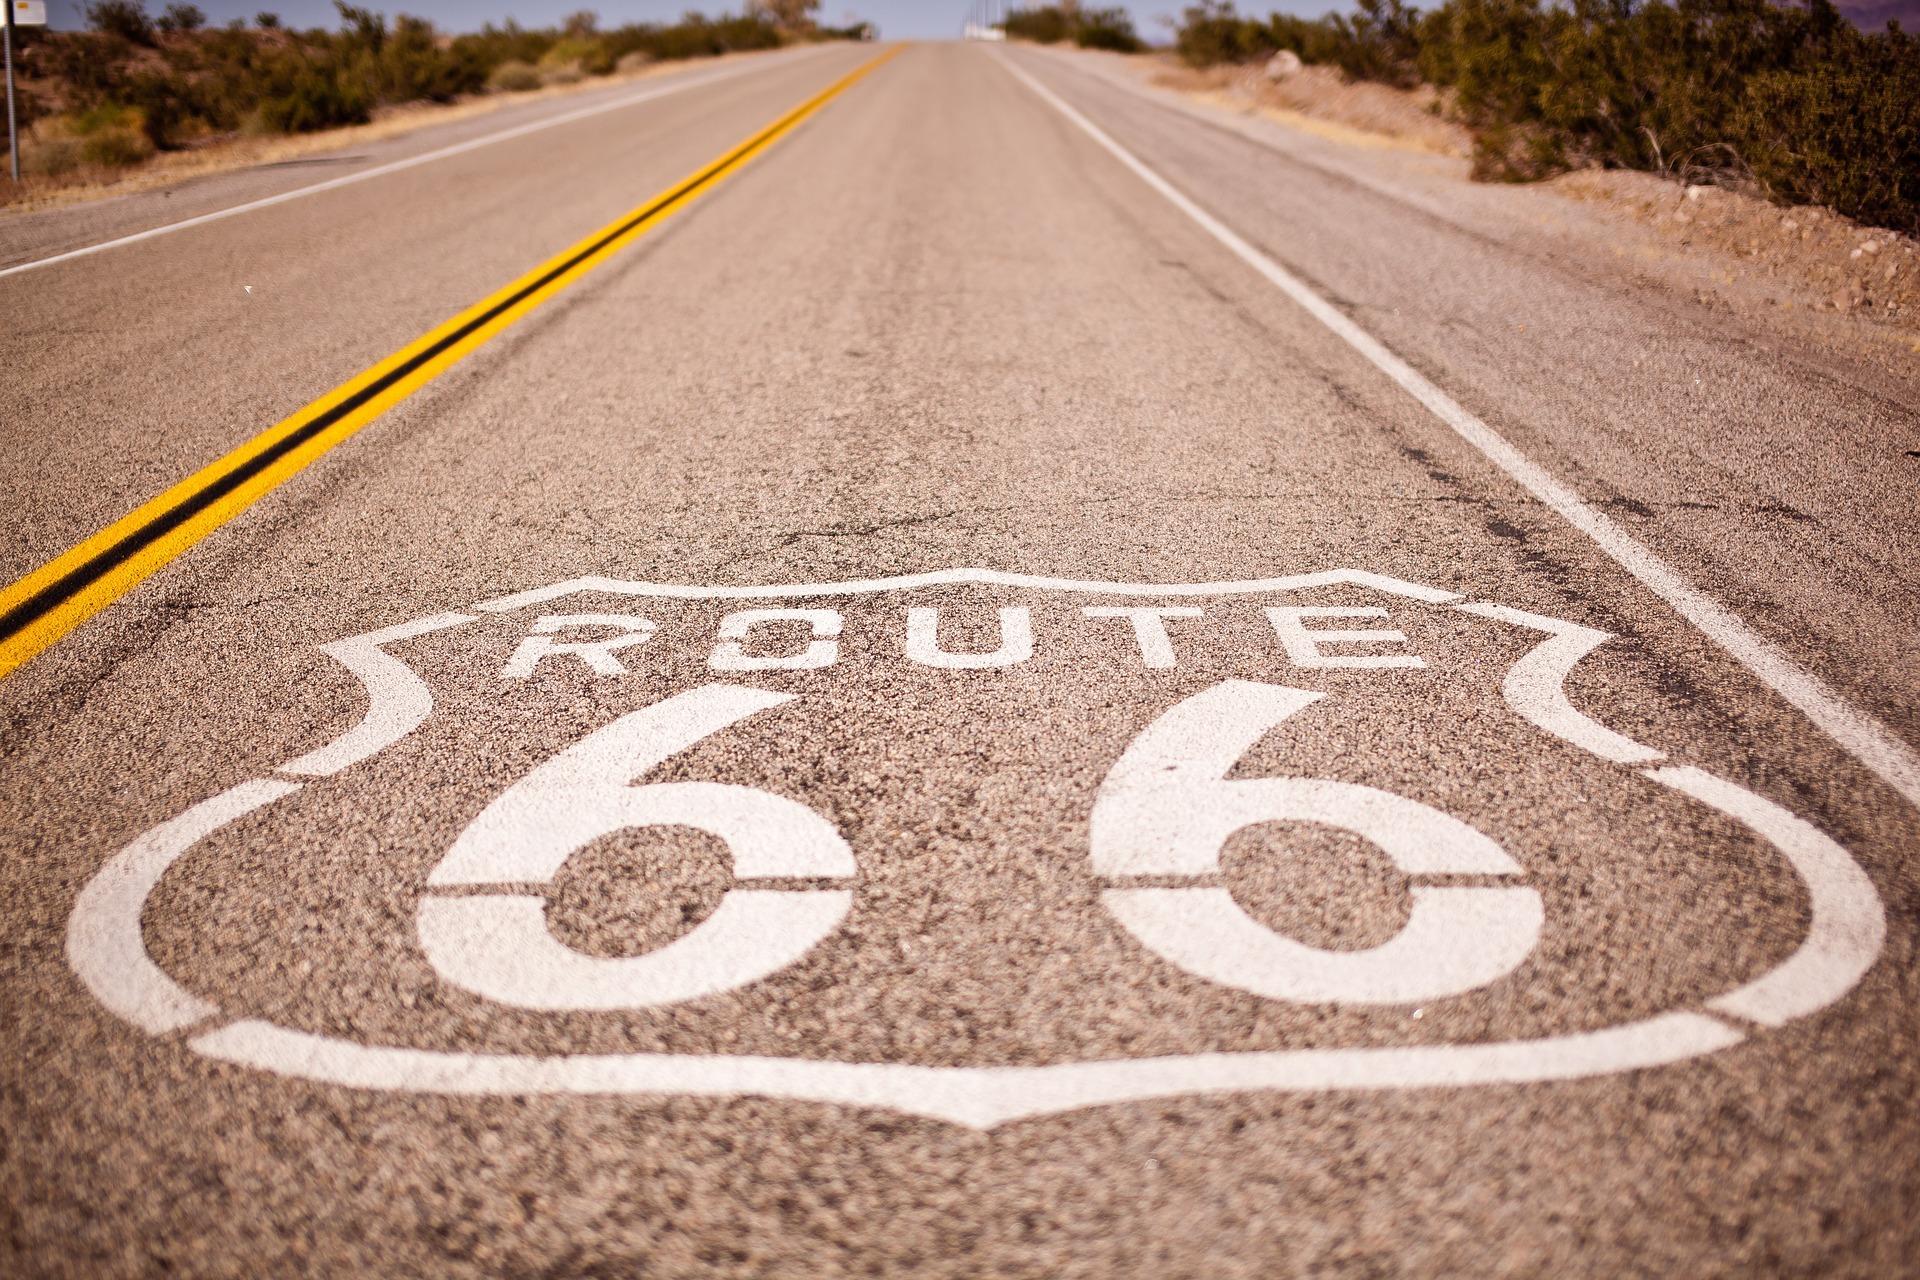 [AQUA] ルート66シリーズ①アリゾナ&カリフォルニア州ルート(バーストウ〜オートマン)日帰りツアー